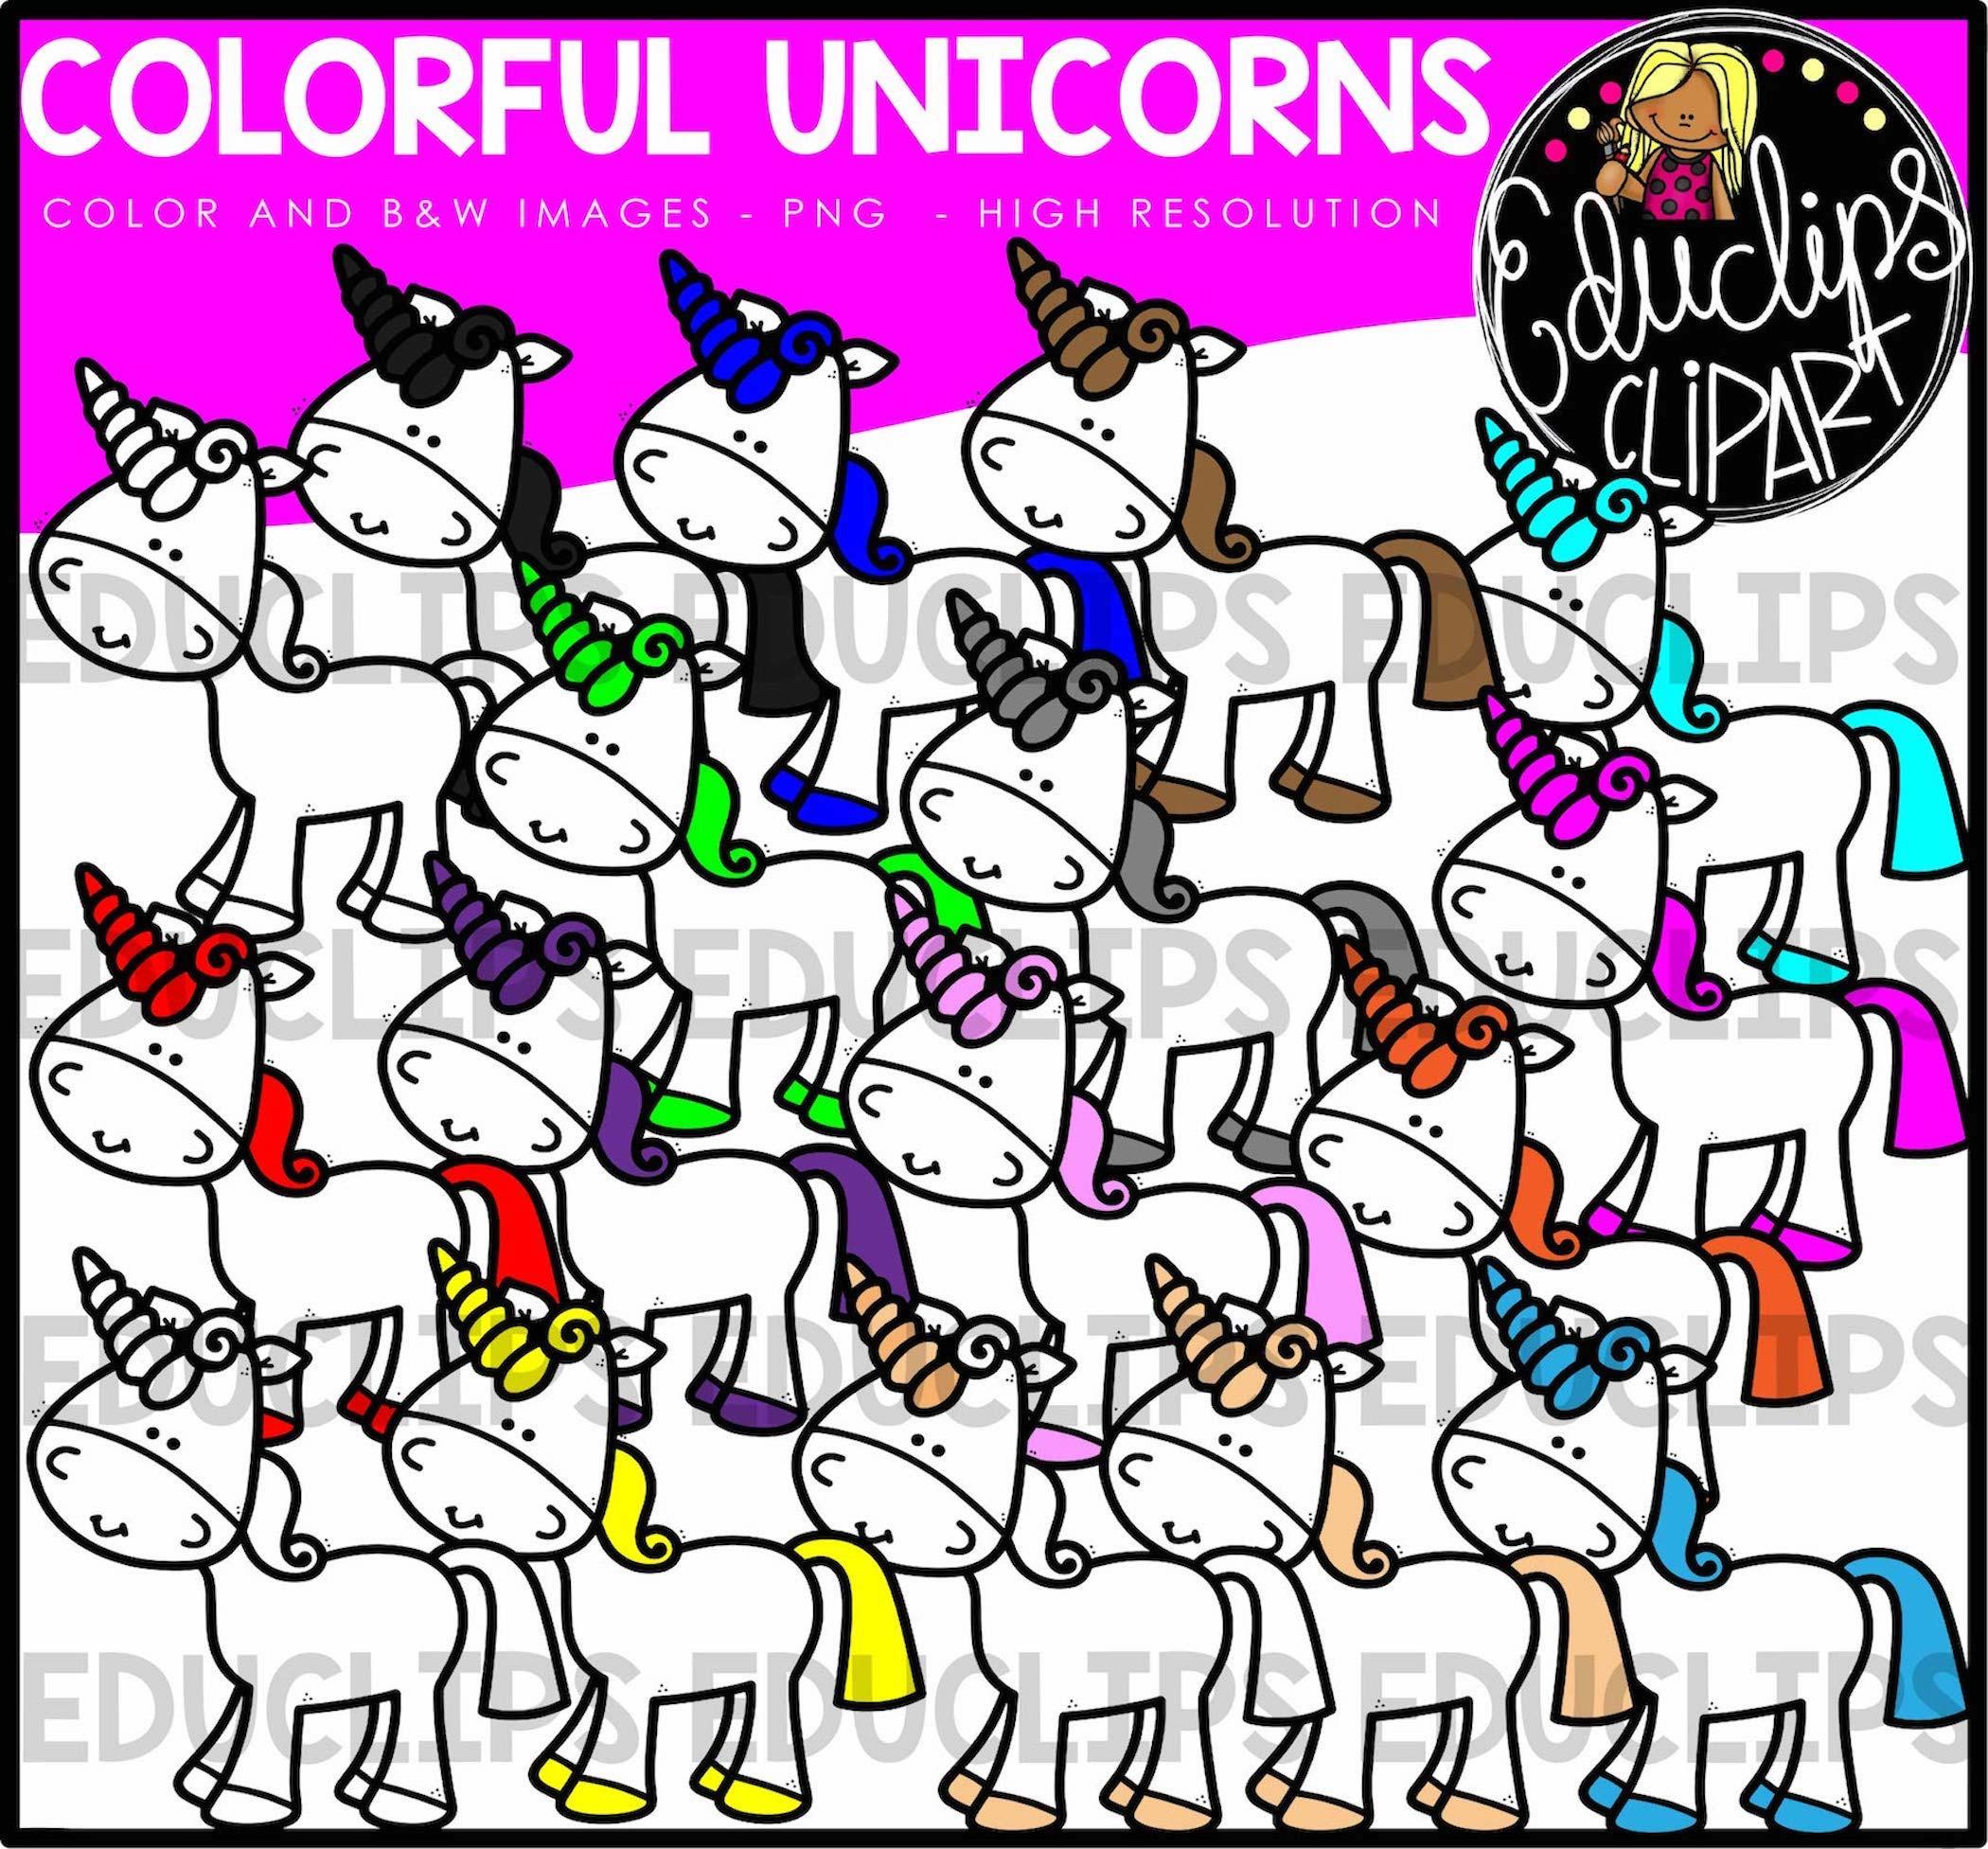 2100x1953 Colorful Unicorns Clip Art Bundle (Color And Bampw)